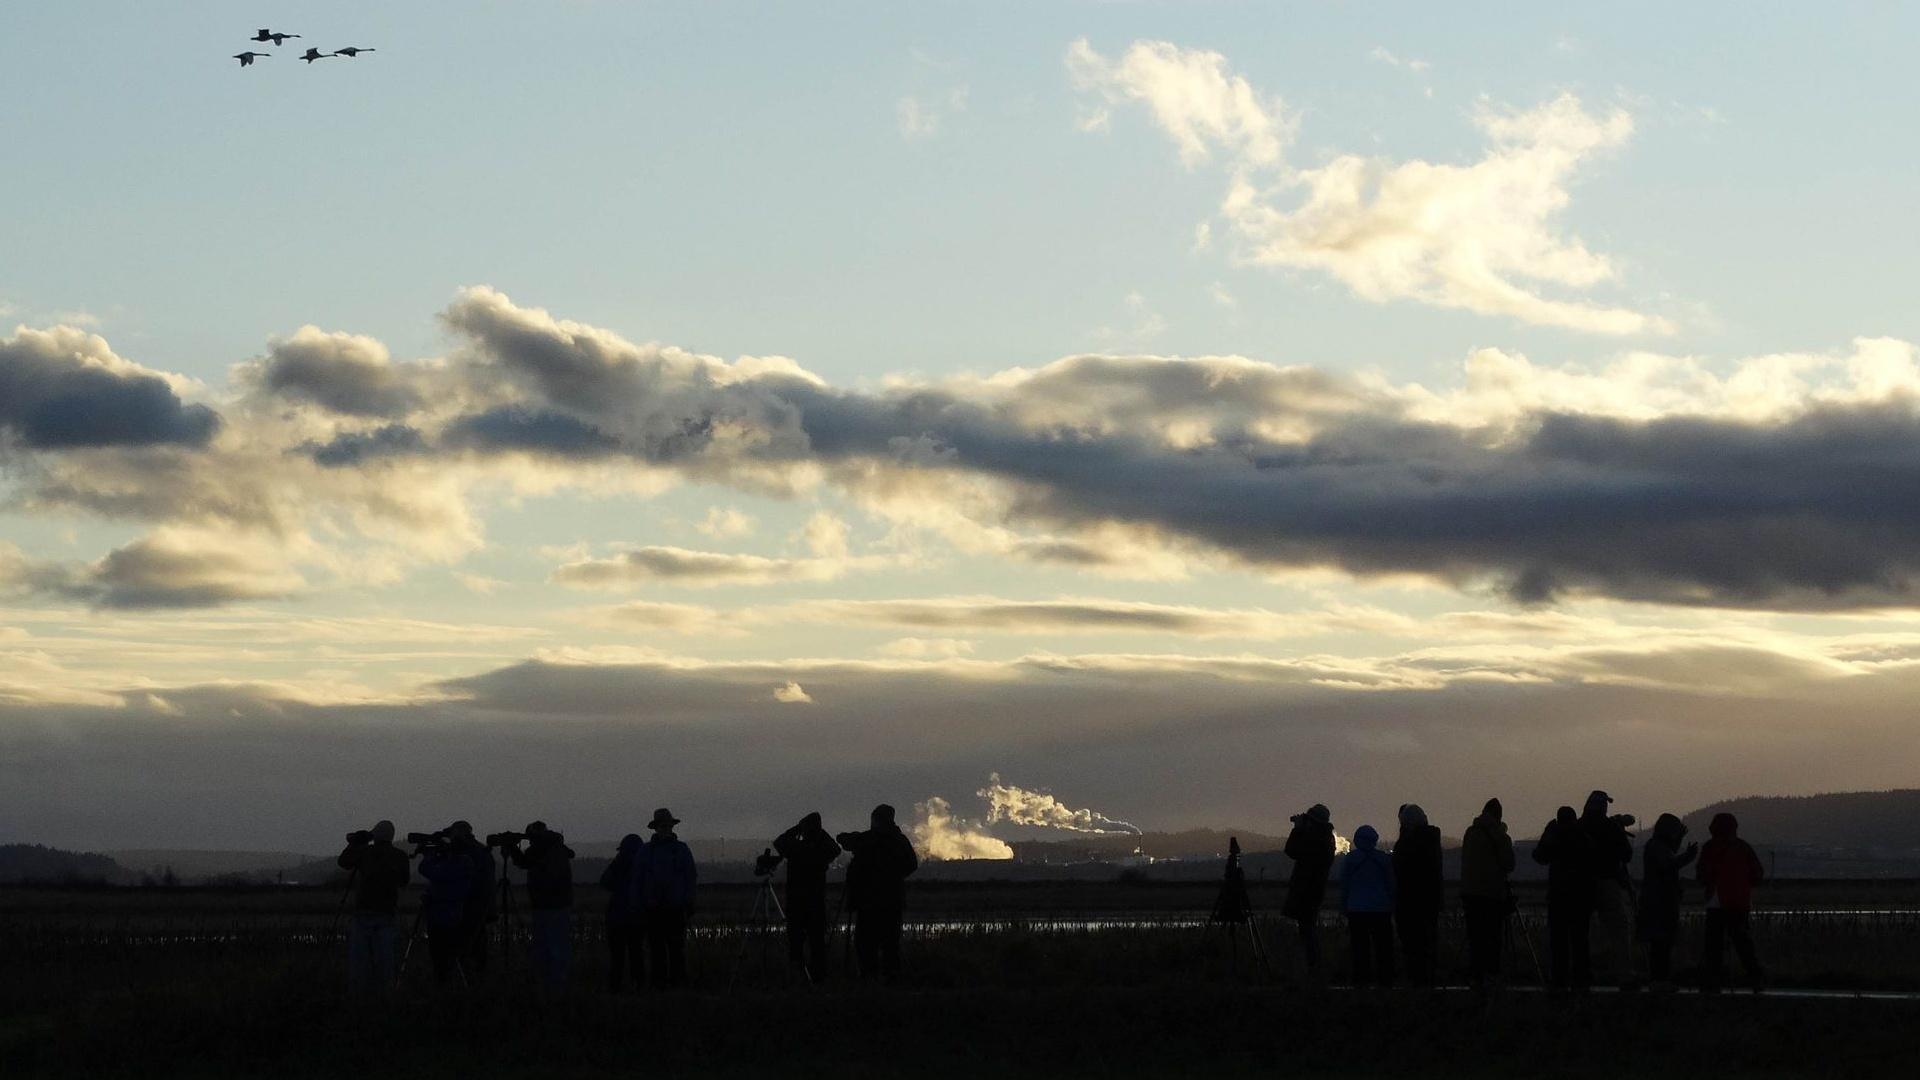 Pozorování ptáků při západu slunce s ABC Birding Club v nádherném Skagit County